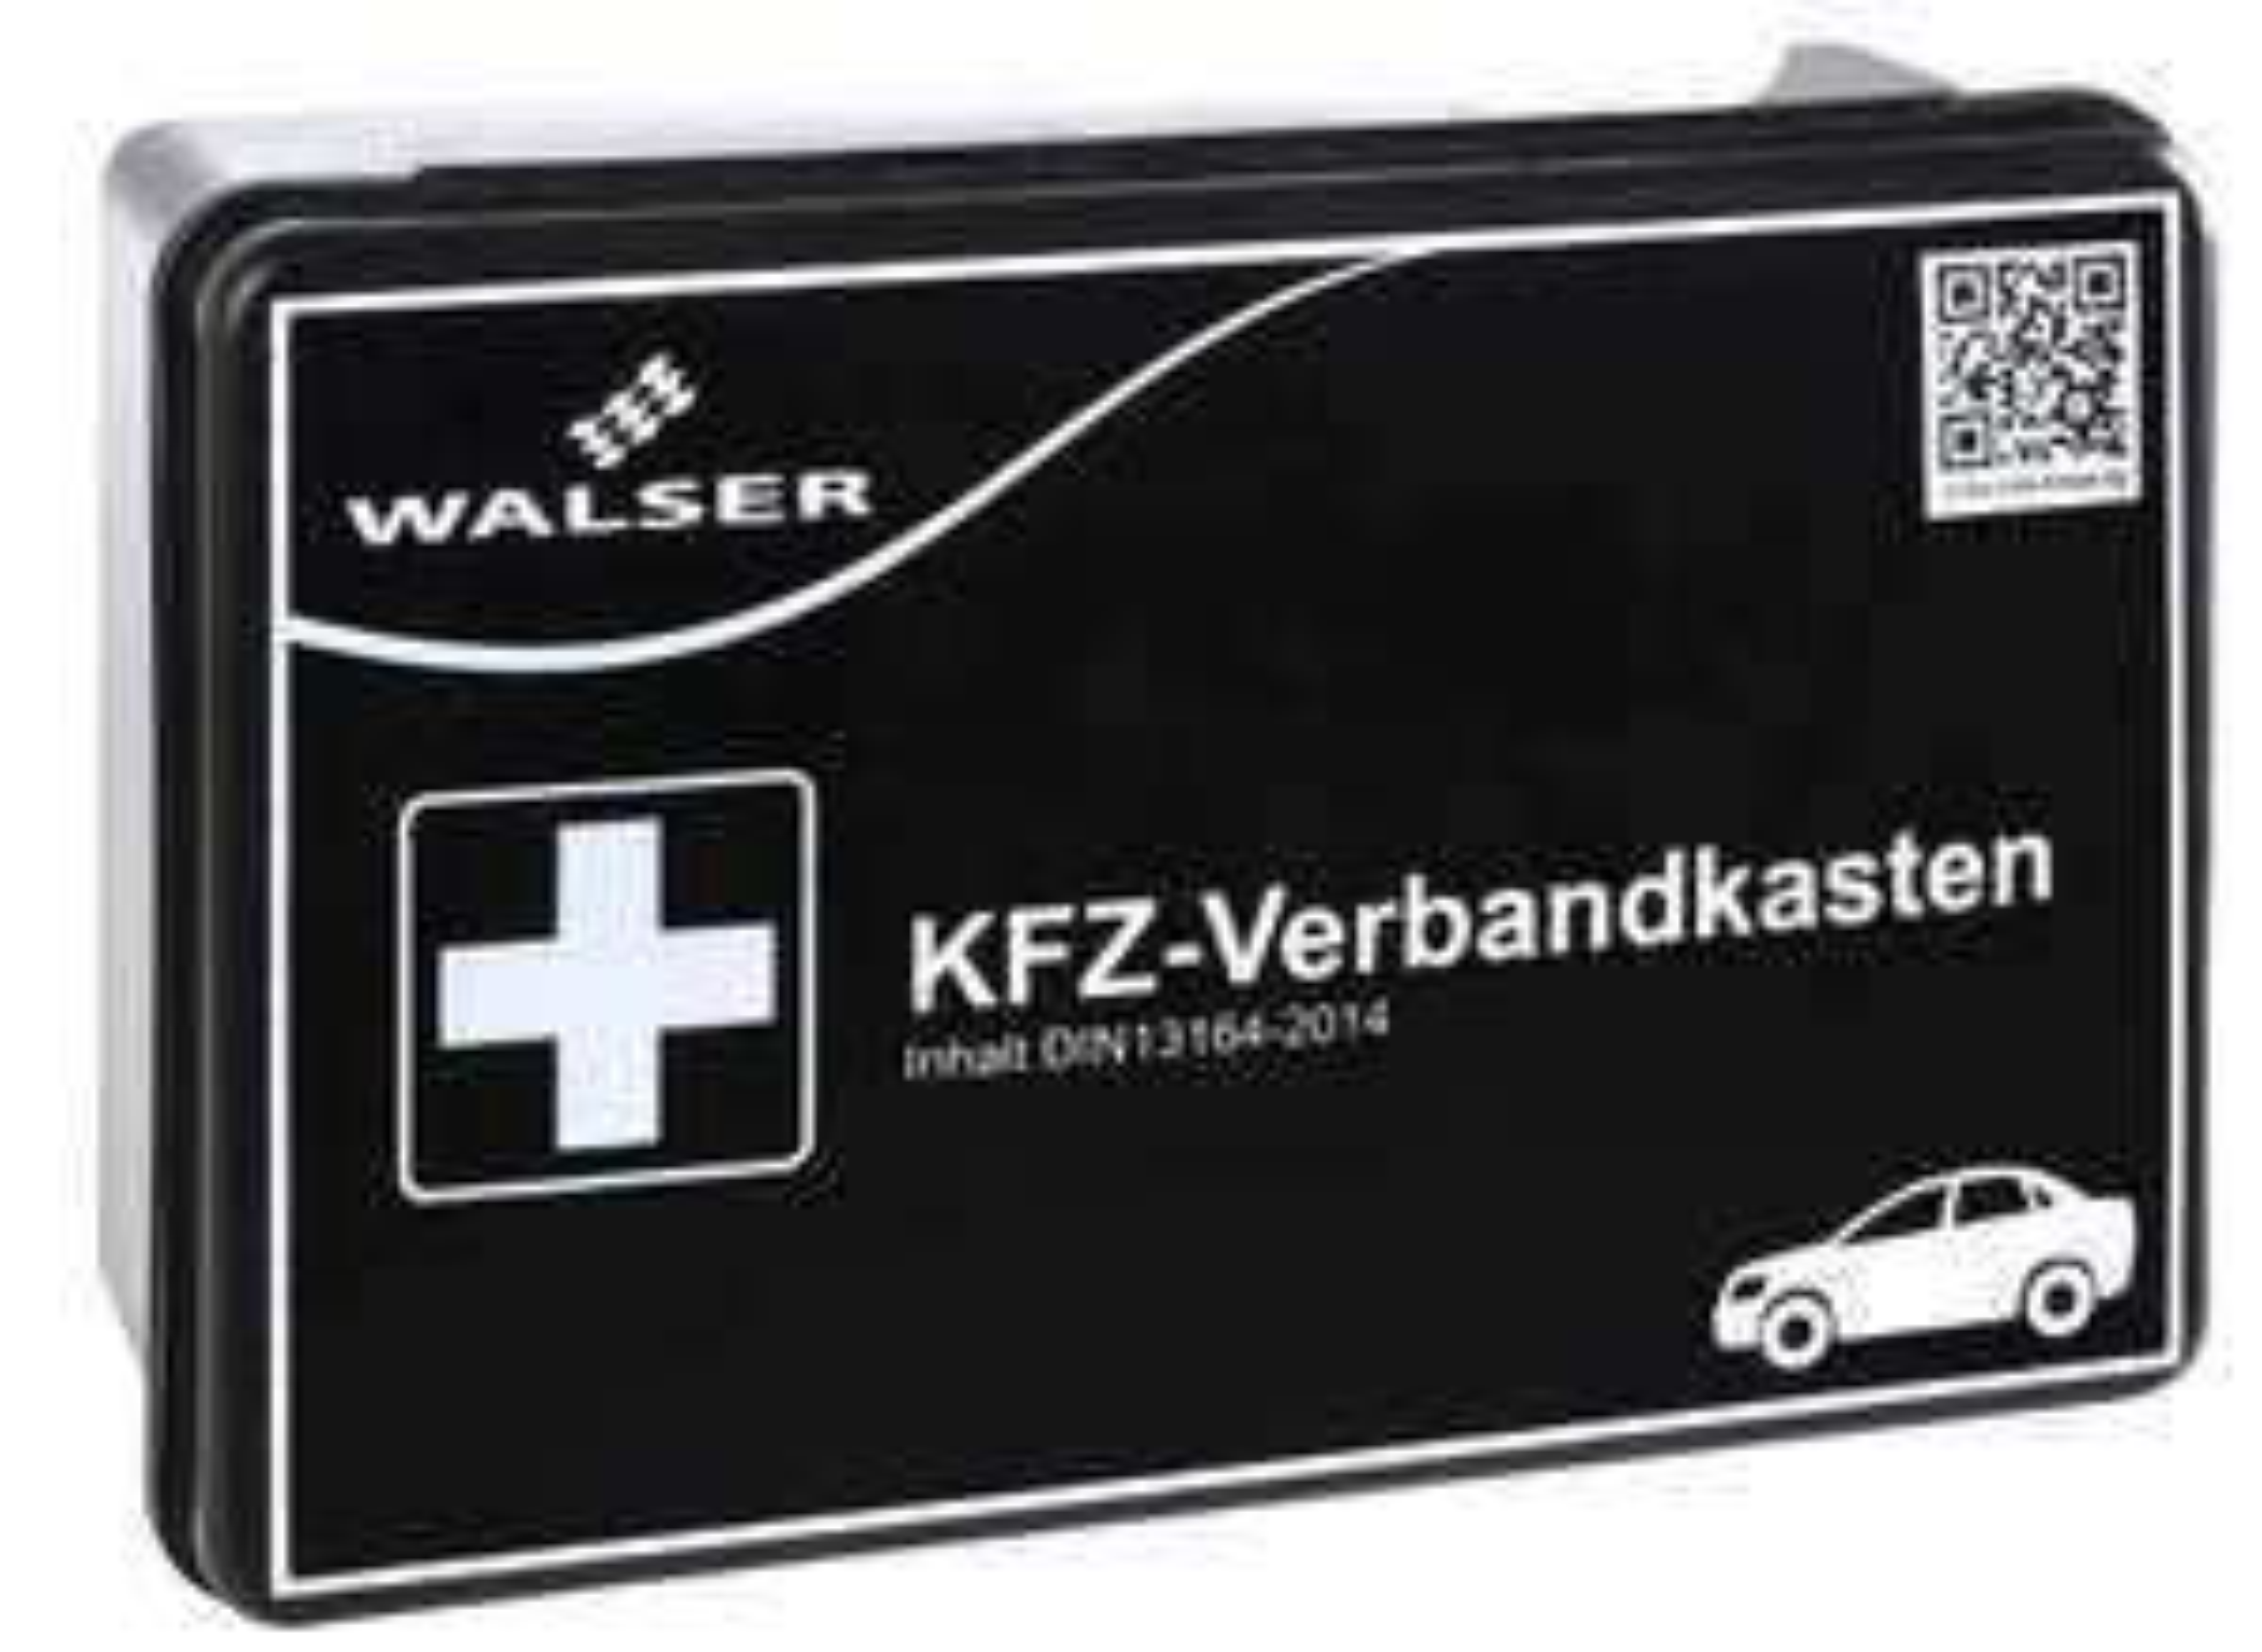 Walser KFZ-Verbandkasten (nach DIN 13164-2014) für 3,89€ [Kaufland]